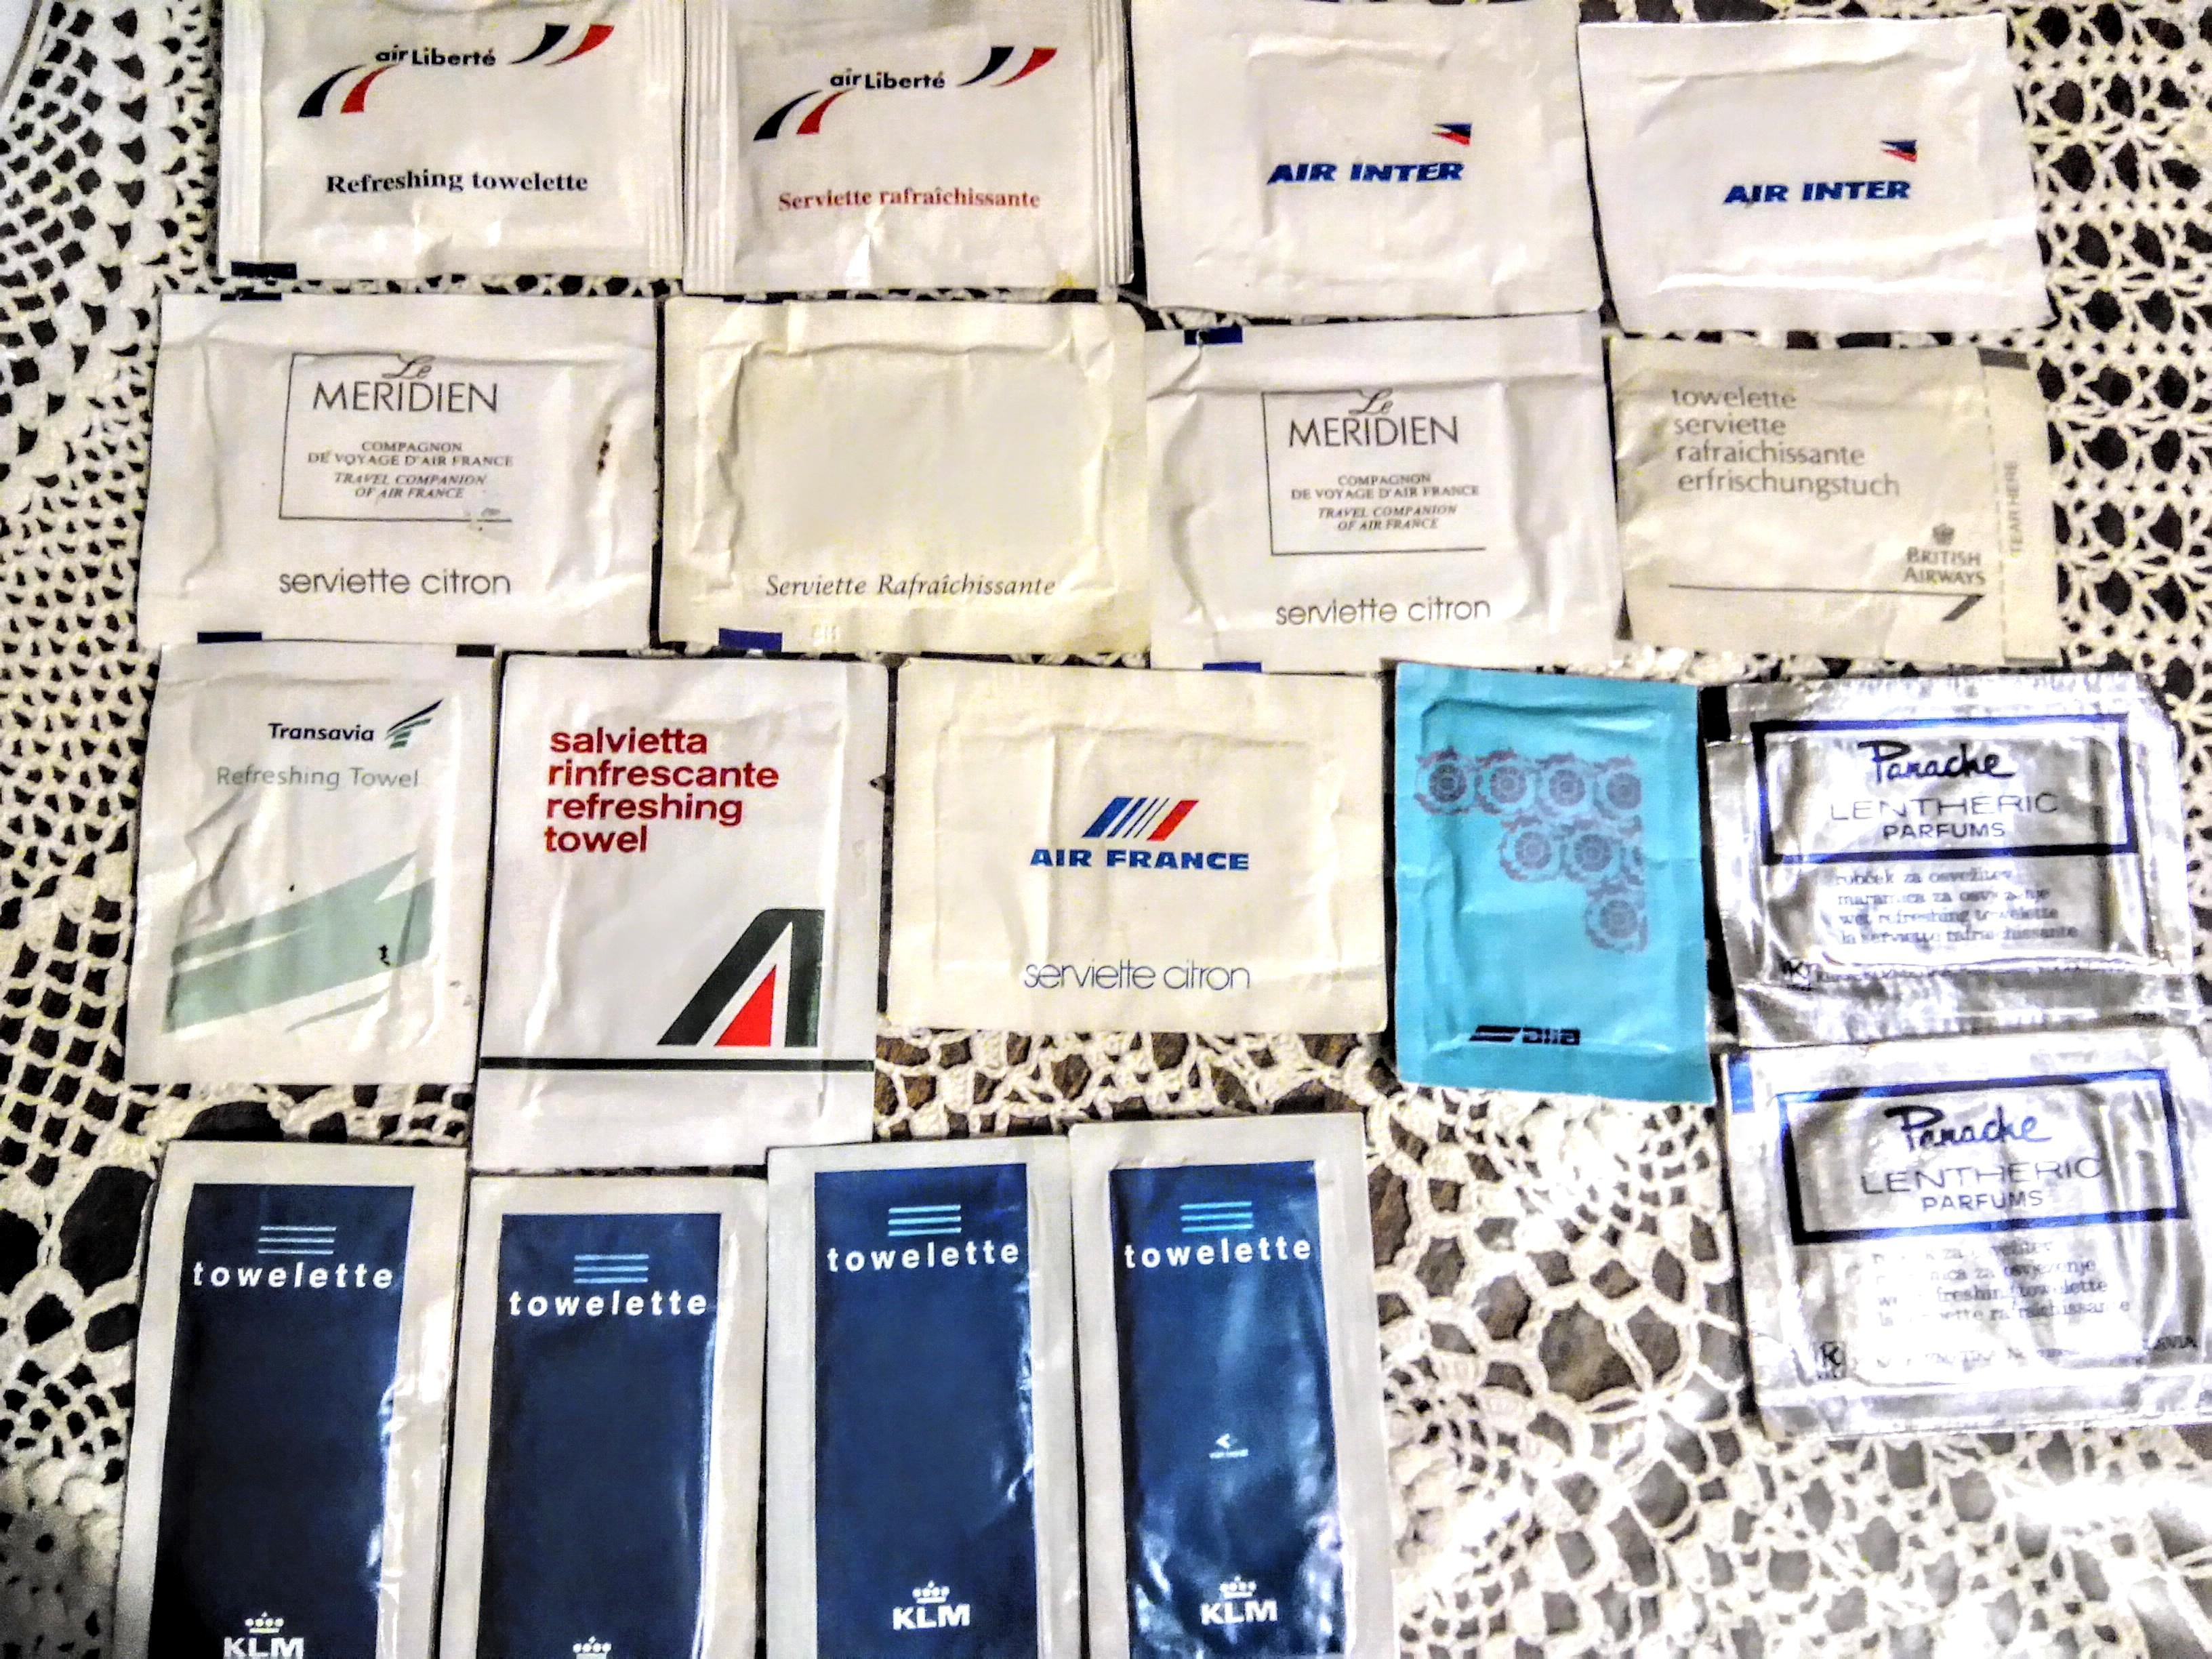 troc de troc pour ca.: 18 sachets de serviettes rafraÎchissantes image 1